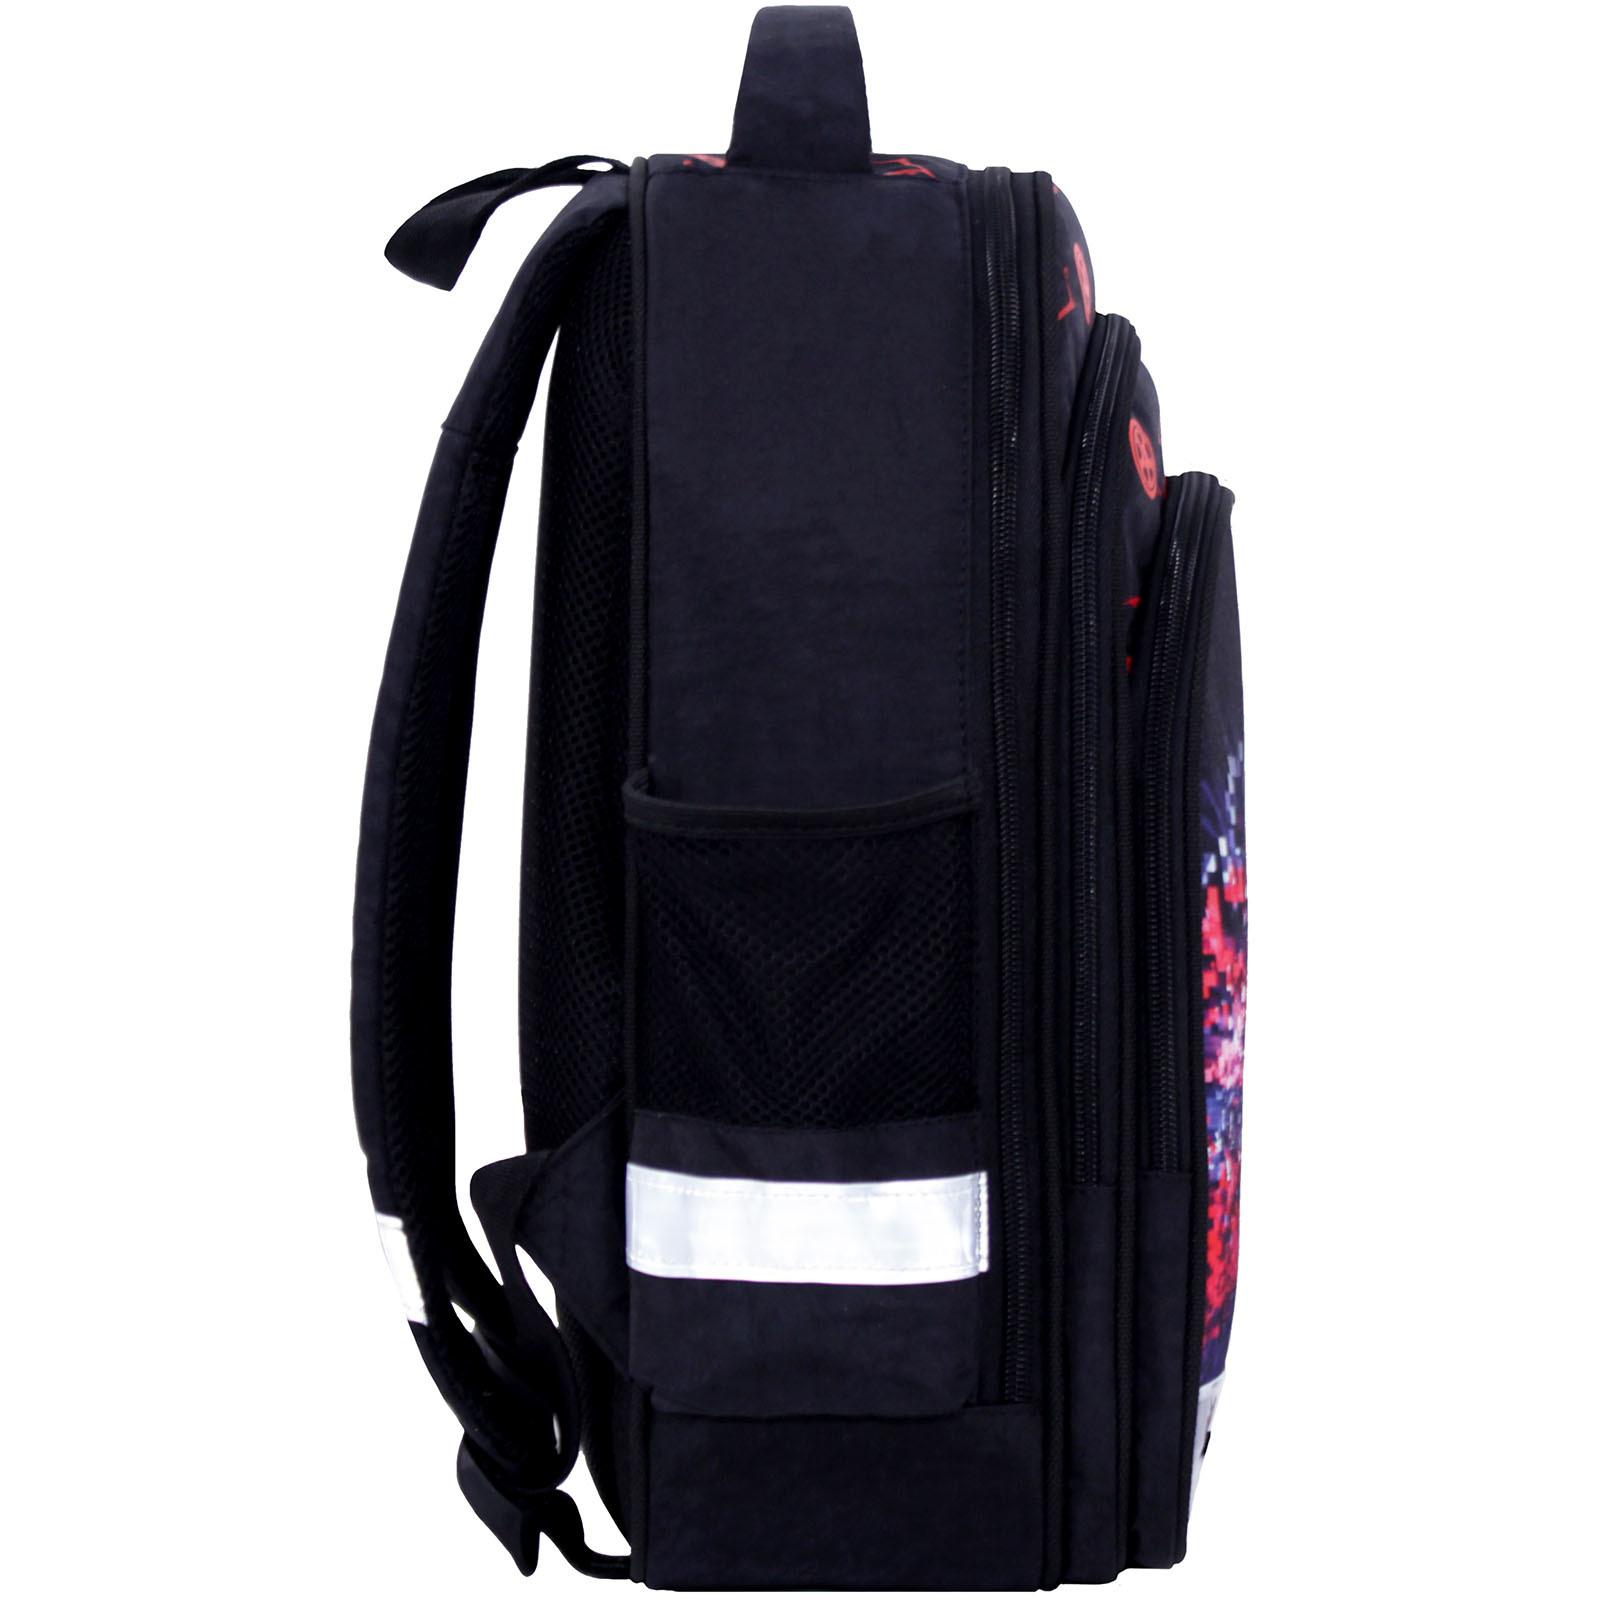 Рюкзак школьный Bagland Mouse черный 417 (0051370) фото 2